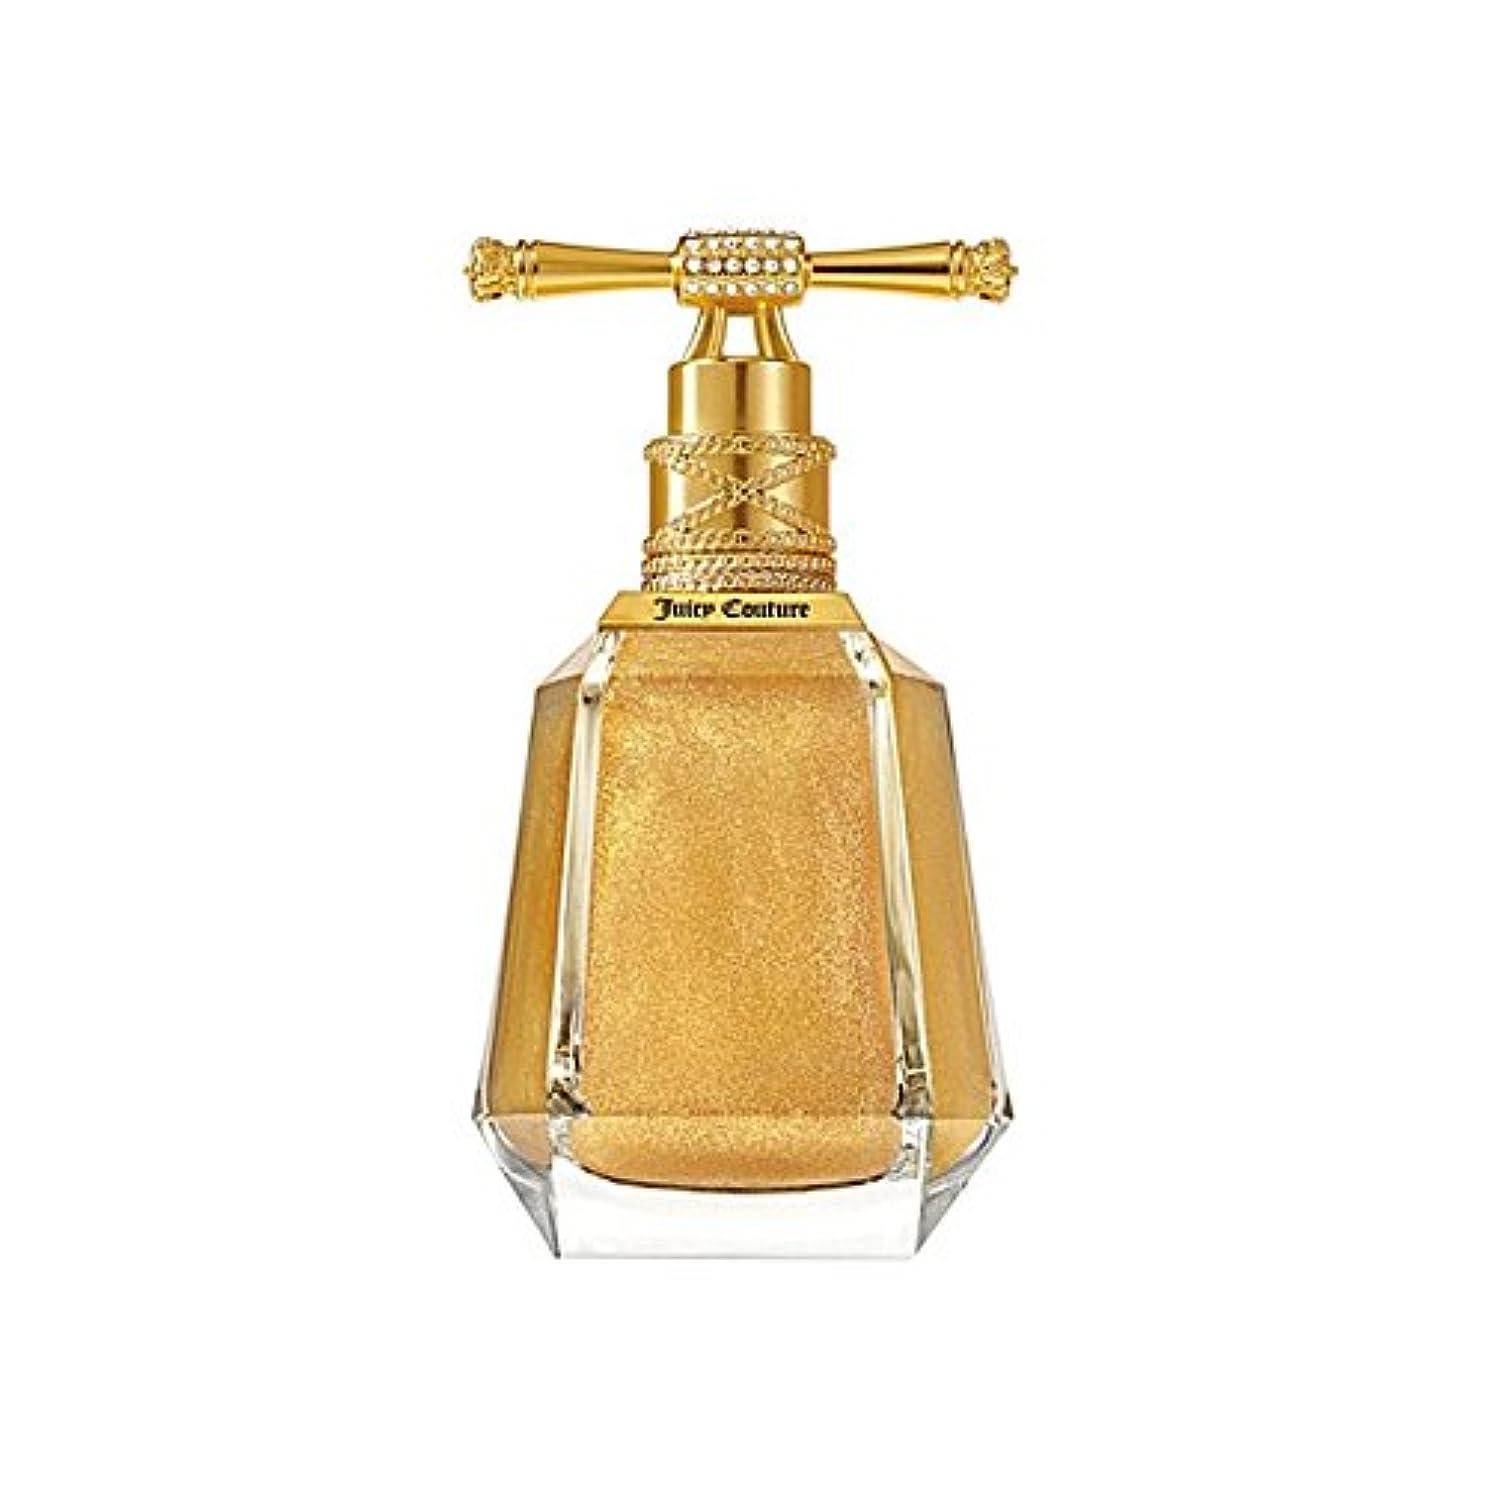 発明する衝動説明するJuicy Couture Dry Oil Shimmer Mist 100ml - ジューシークチュールドライオイルきらめきミスト100ミリリットル [並行輸入品]